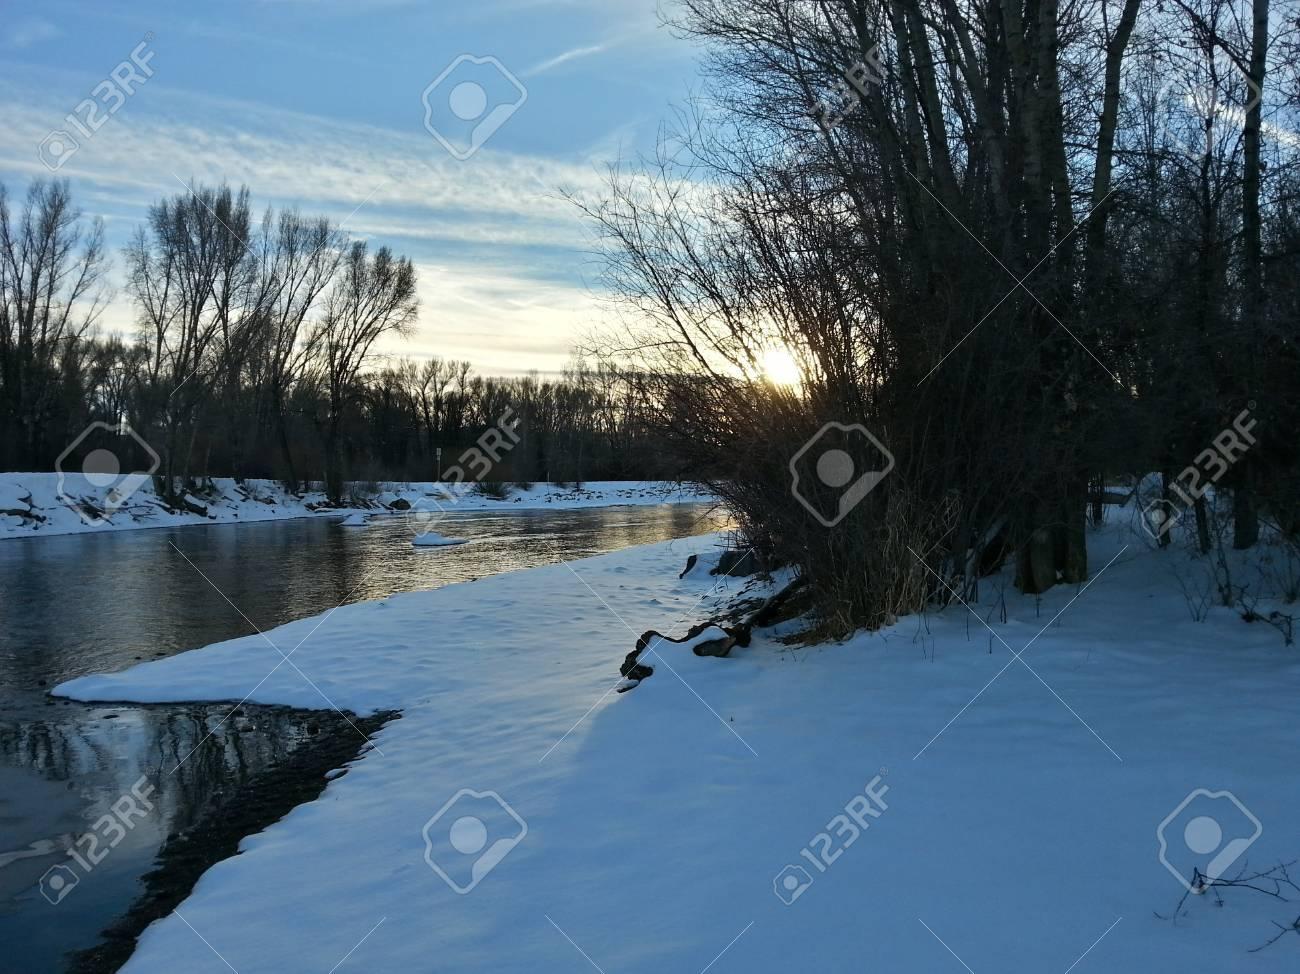 Gunnison river white water park